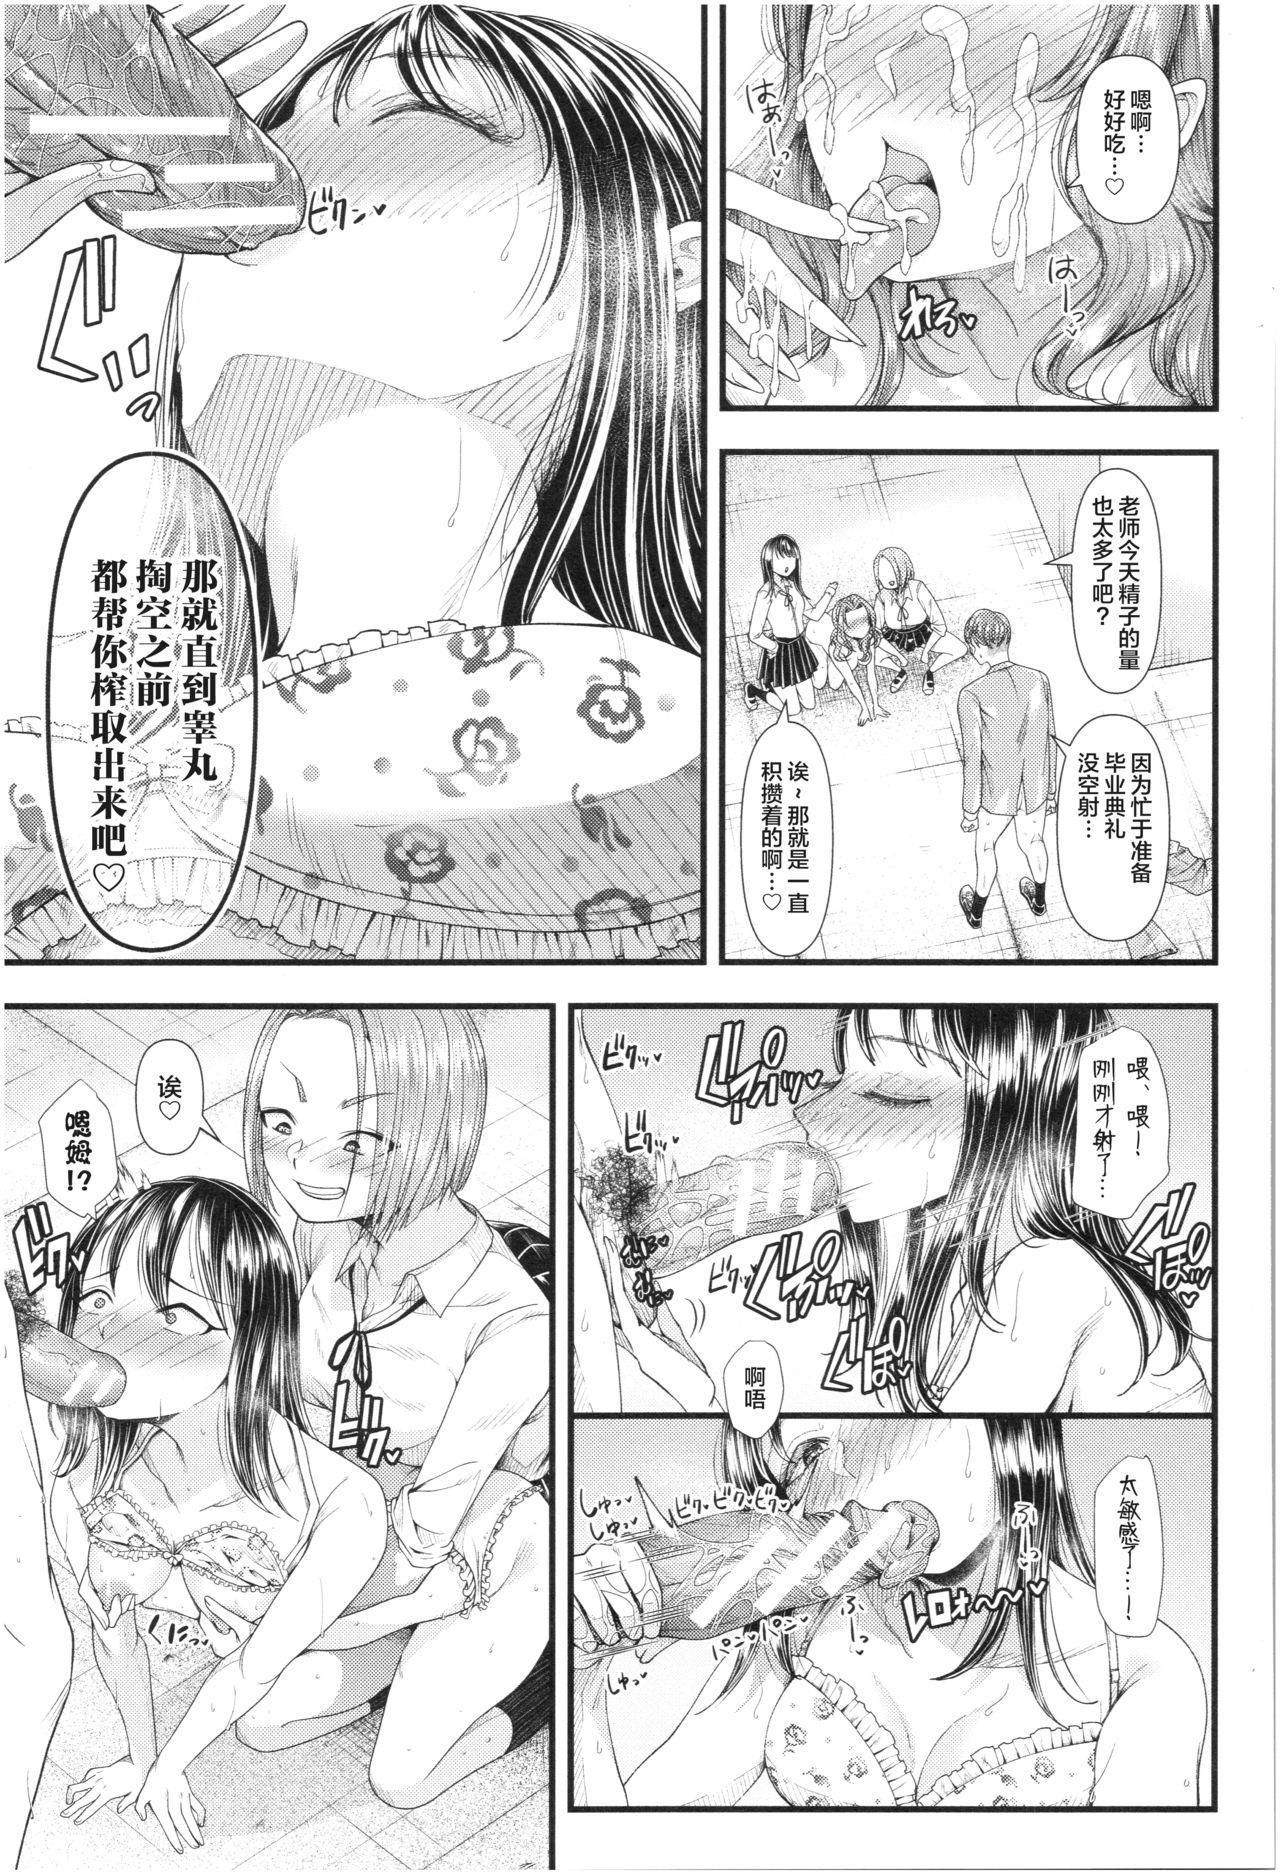 [Aoyama Denchi] Sannenkan no Aoi Haru ~Mesugaki nanka ni Zettai Makenai Sensei~卒業[Chinese]【不可视汉化】 8